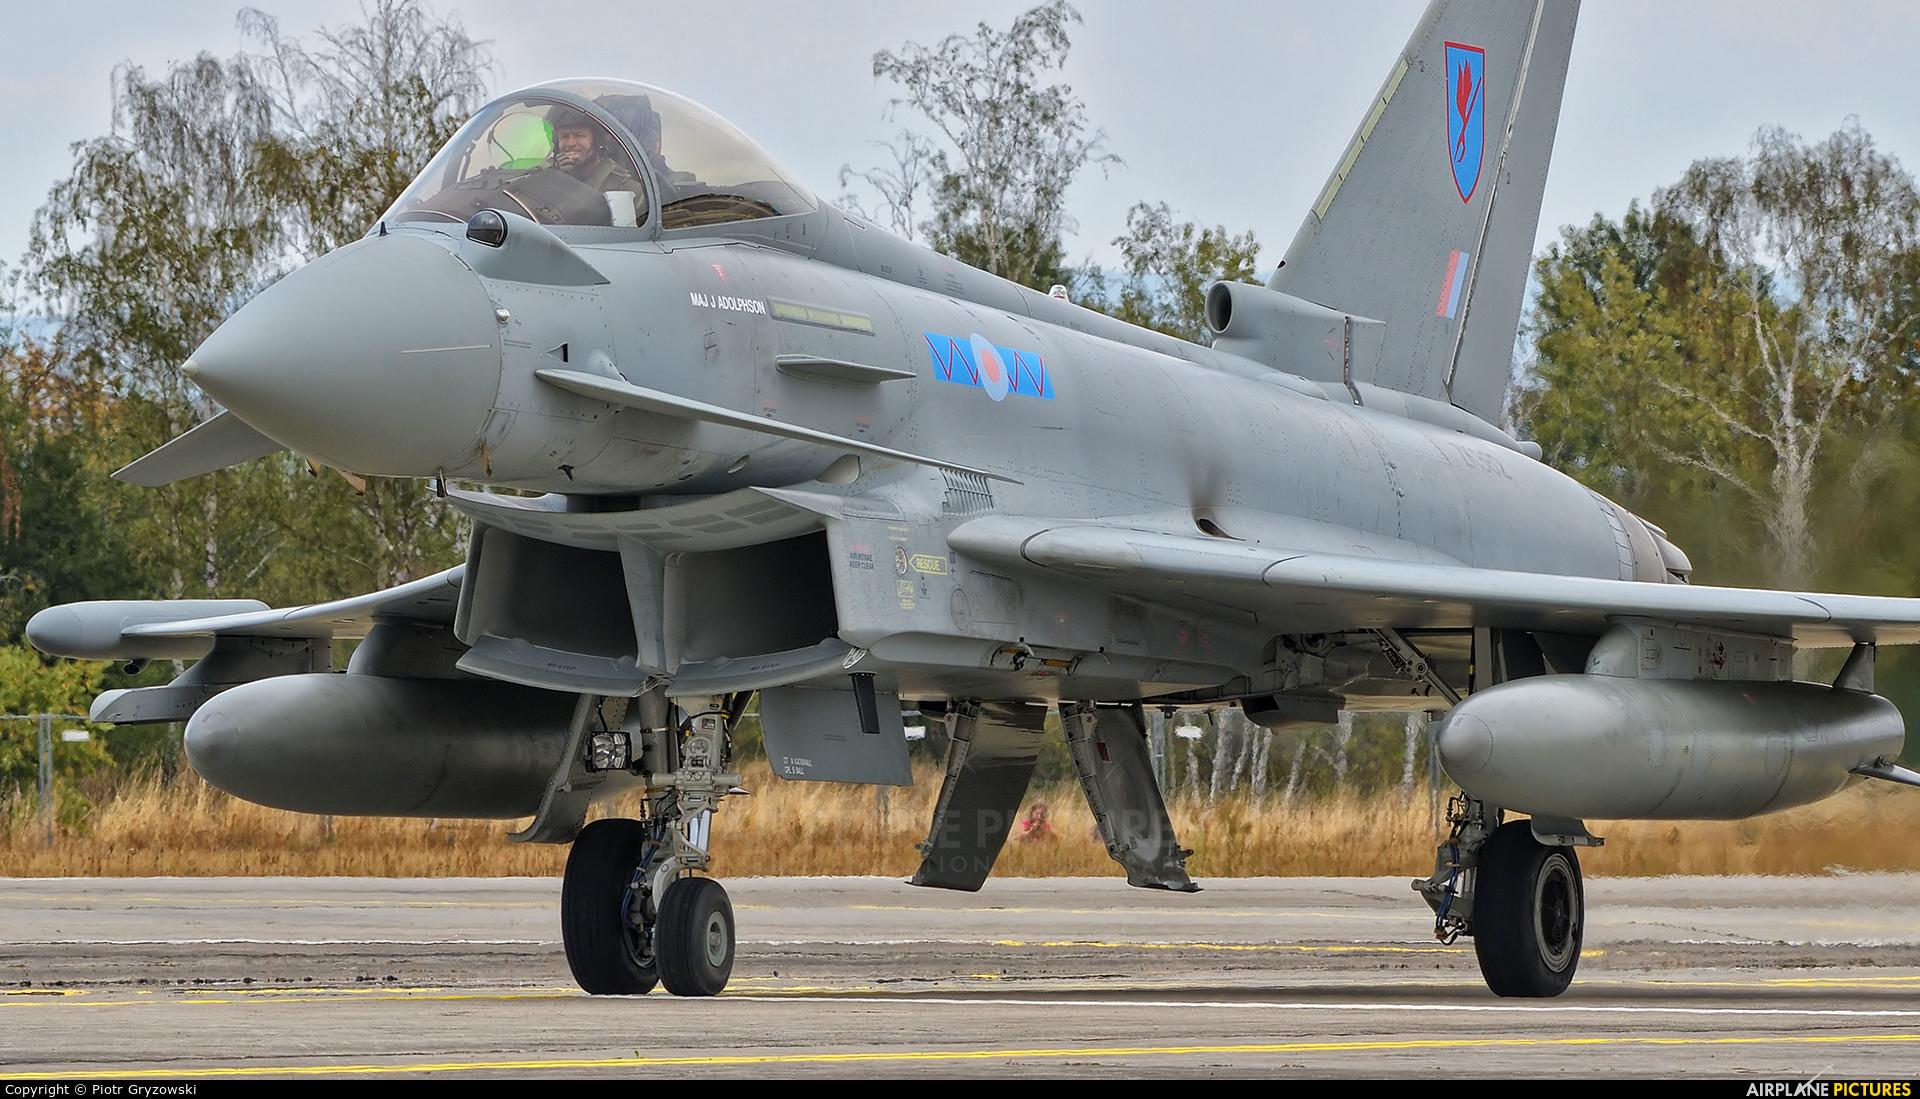 Royal Air Force ZK362 aircraft at Hradec Králové